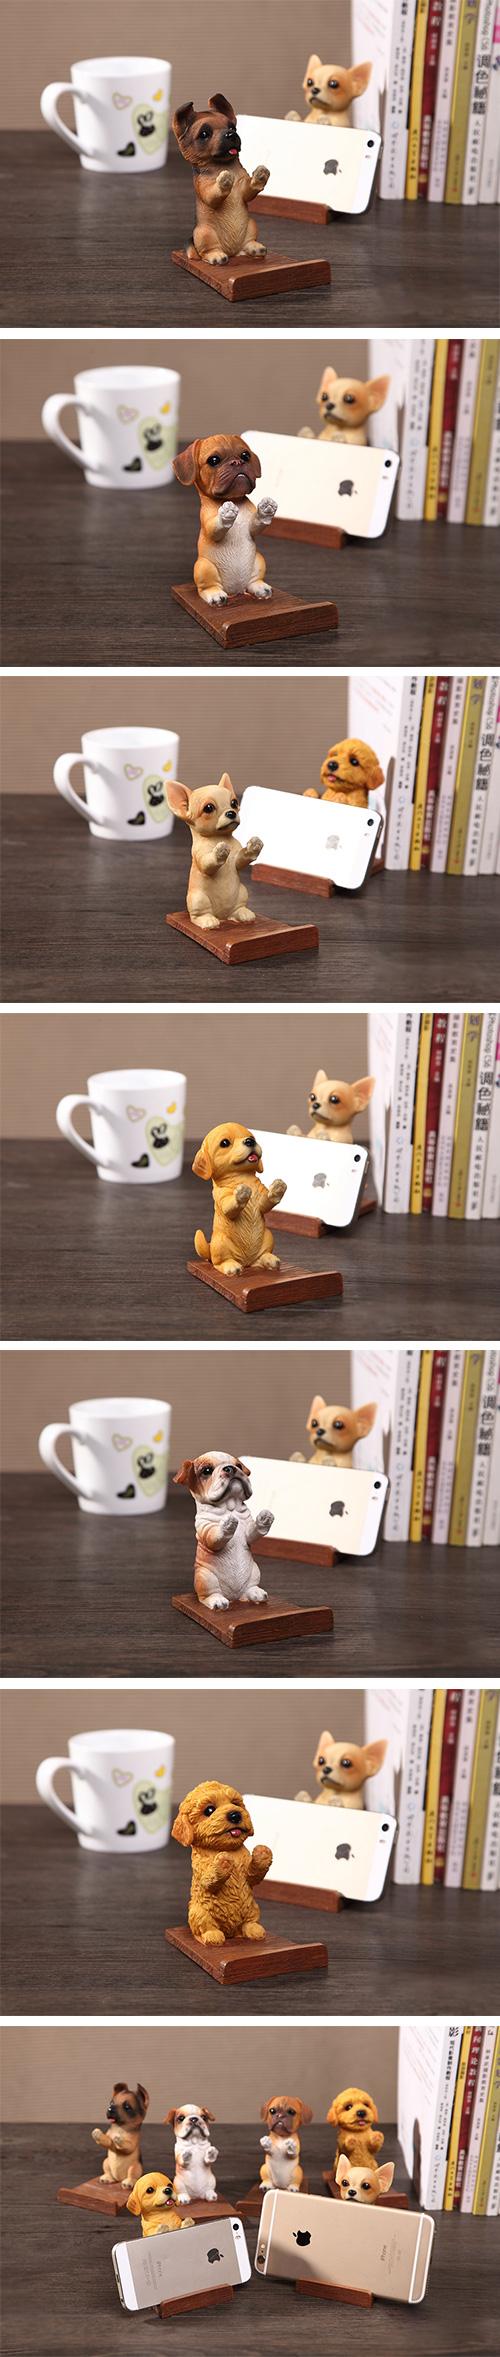 創意小物館 萌寵手機座狗狗系列 狼犬